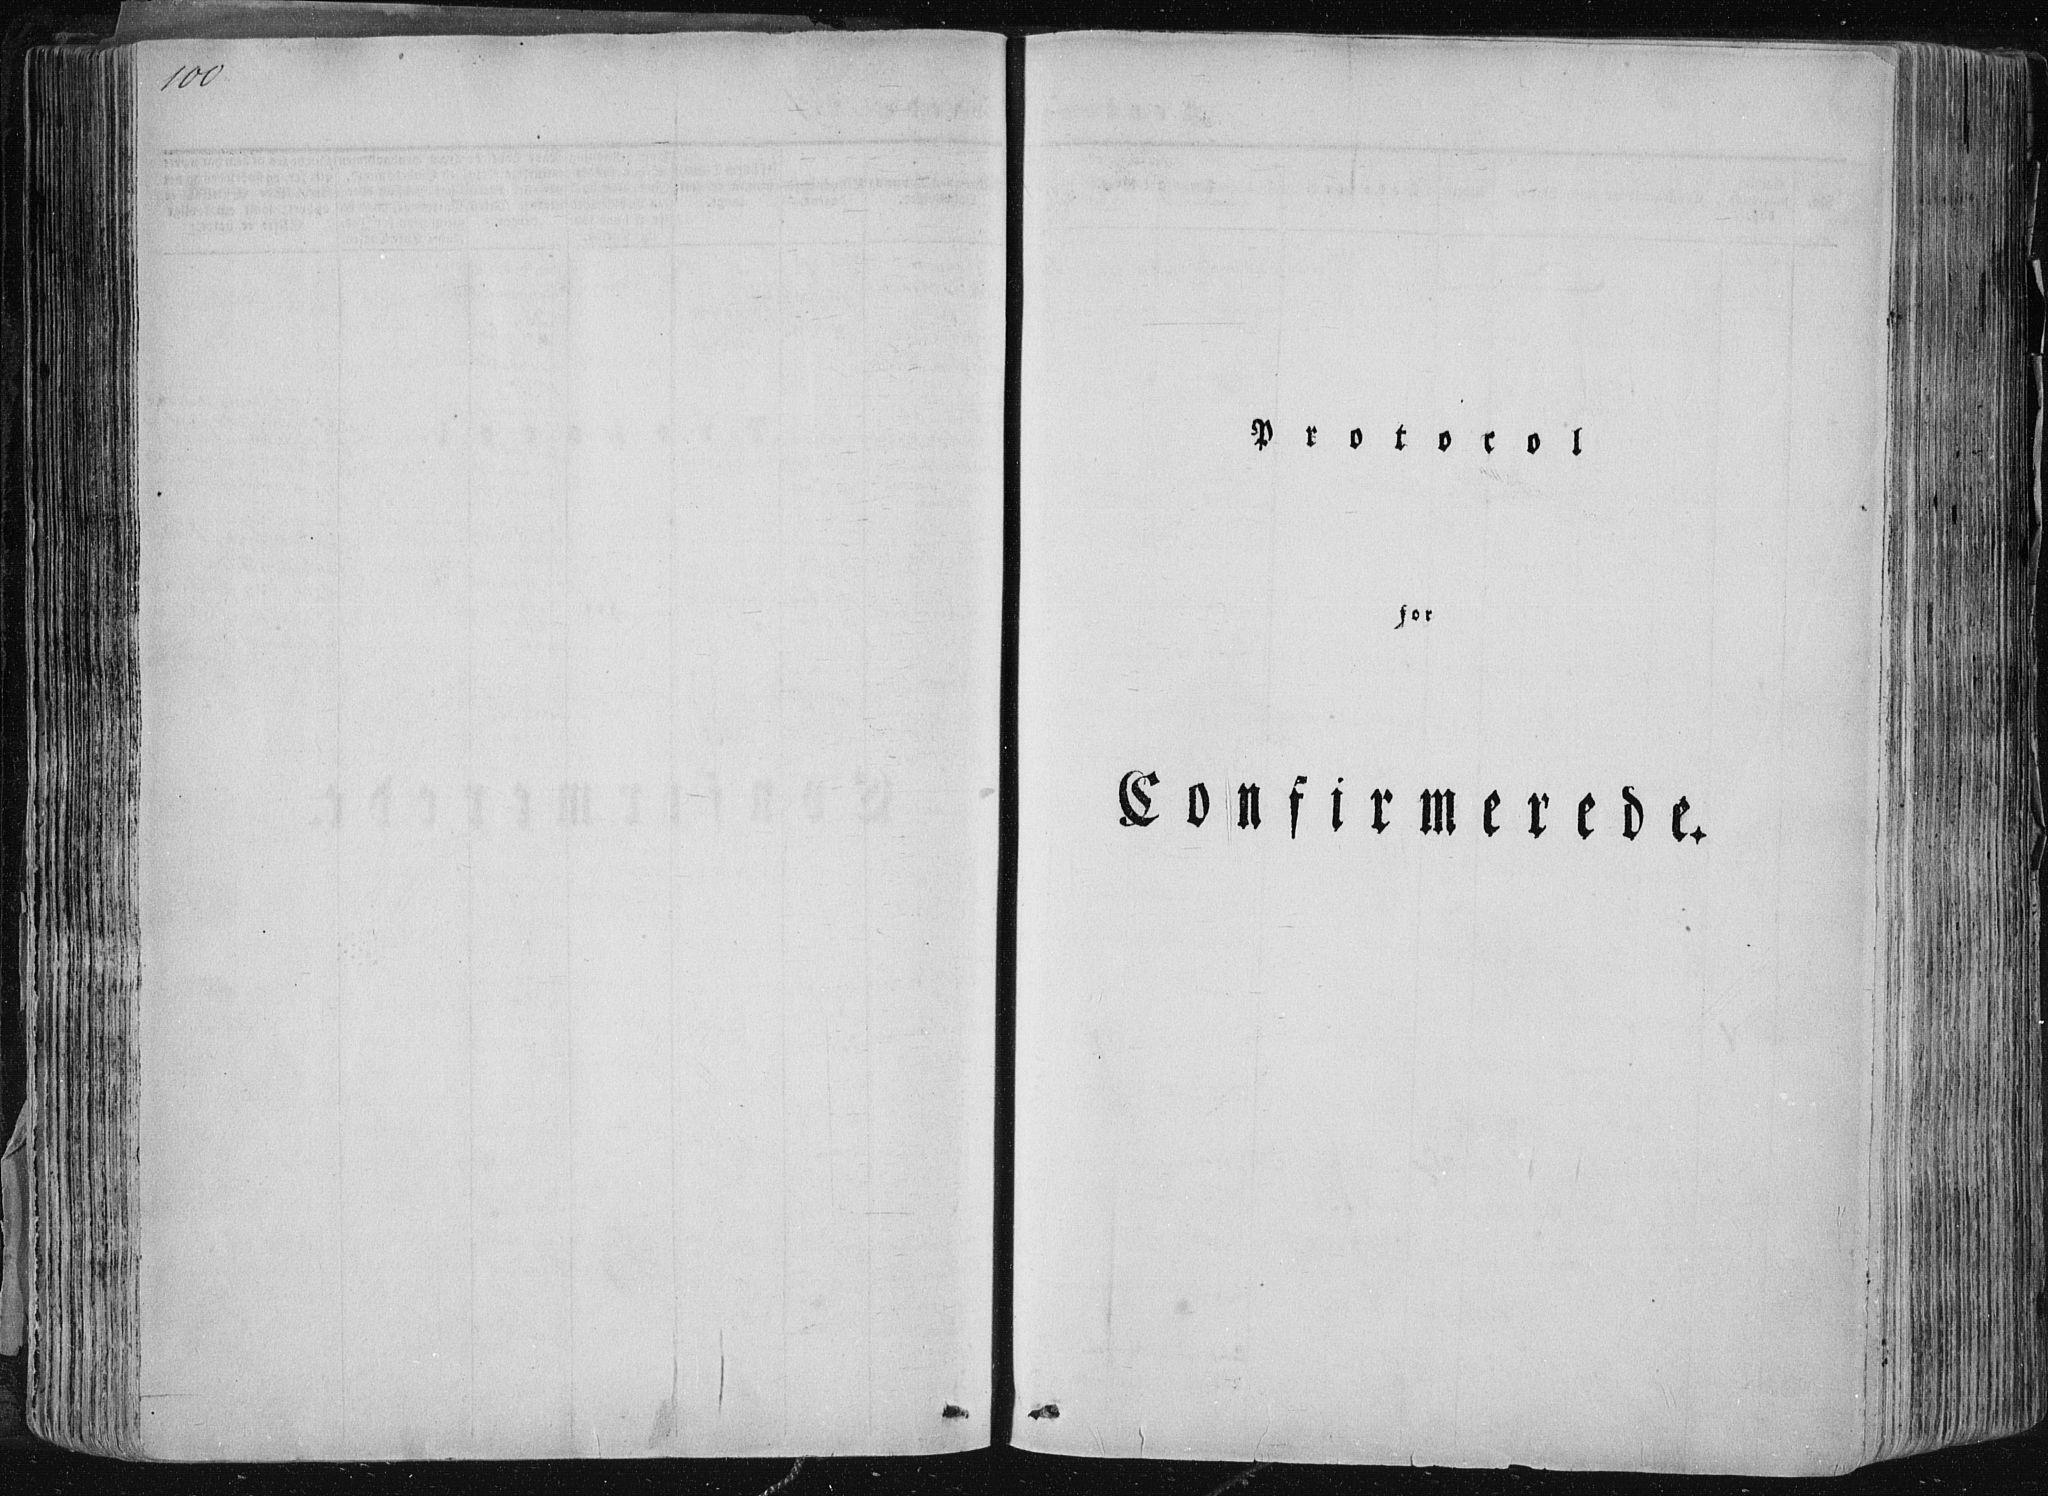 SAKO, Sannidal kirkebøker, F/Fa/L0007: Ministerialbok nr. 7, 1831-1854, s. 100